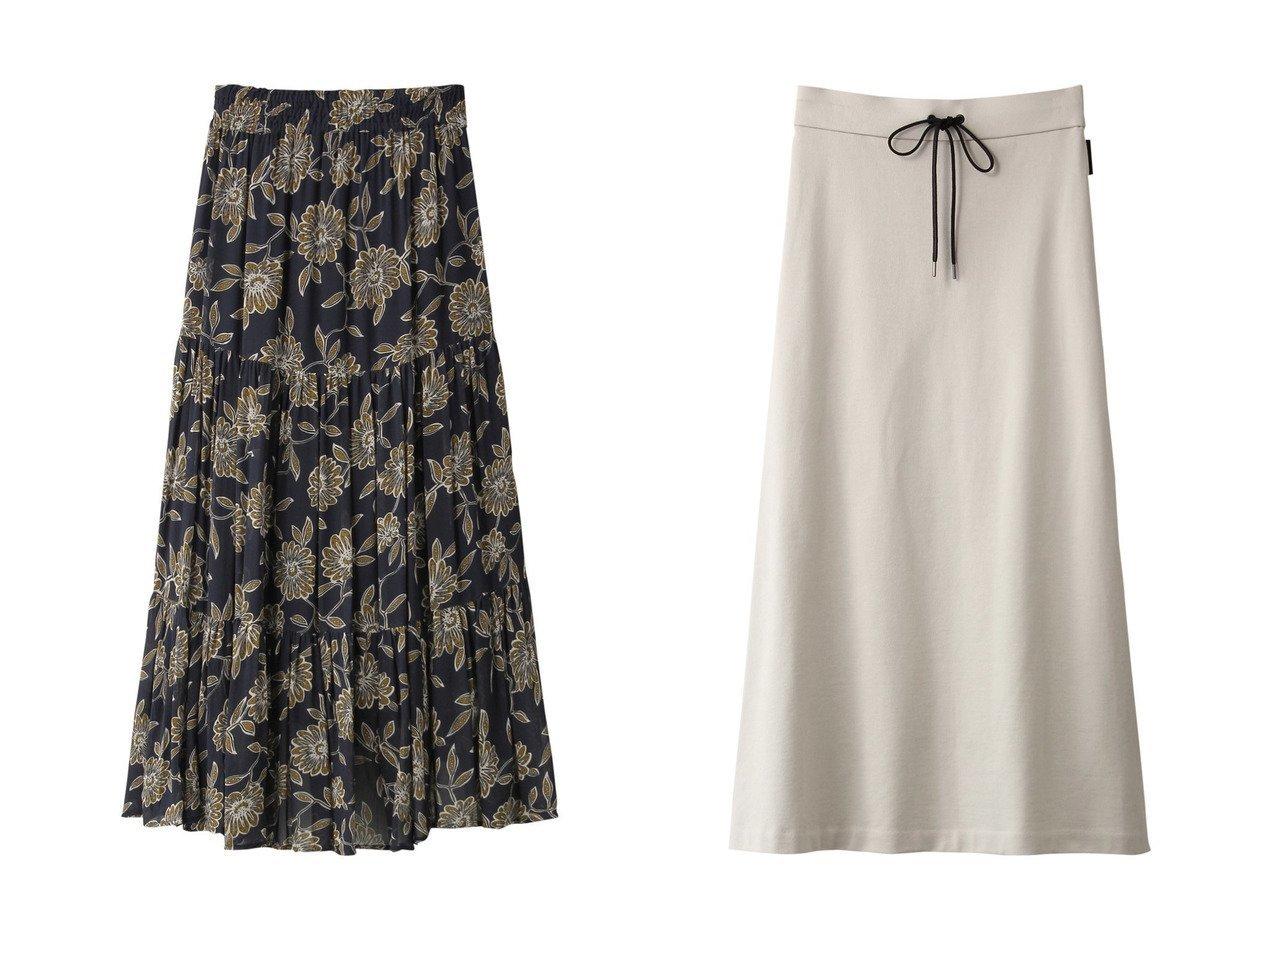 【NE QUITTEZ PAS/ヌキテパ】のレーヨンフラワープリントタイアードスカート&【ADORE/アドーア】のブラッシュドスウェットスカート スカートのおすすめ!人気、レディースファッションの通販 おすすめで人気のファッション通販商品 インテリア・家具・キッズファッション・メンズファッション・レディースファッション・服の通販 founy(ファニー) https://founy.com/ ファッション Fashion レディース WOMEN スカート Skirt ロングスカート Long Skirt エアリー ティアード フラワー プリント ロング |ID:crp329100000000078